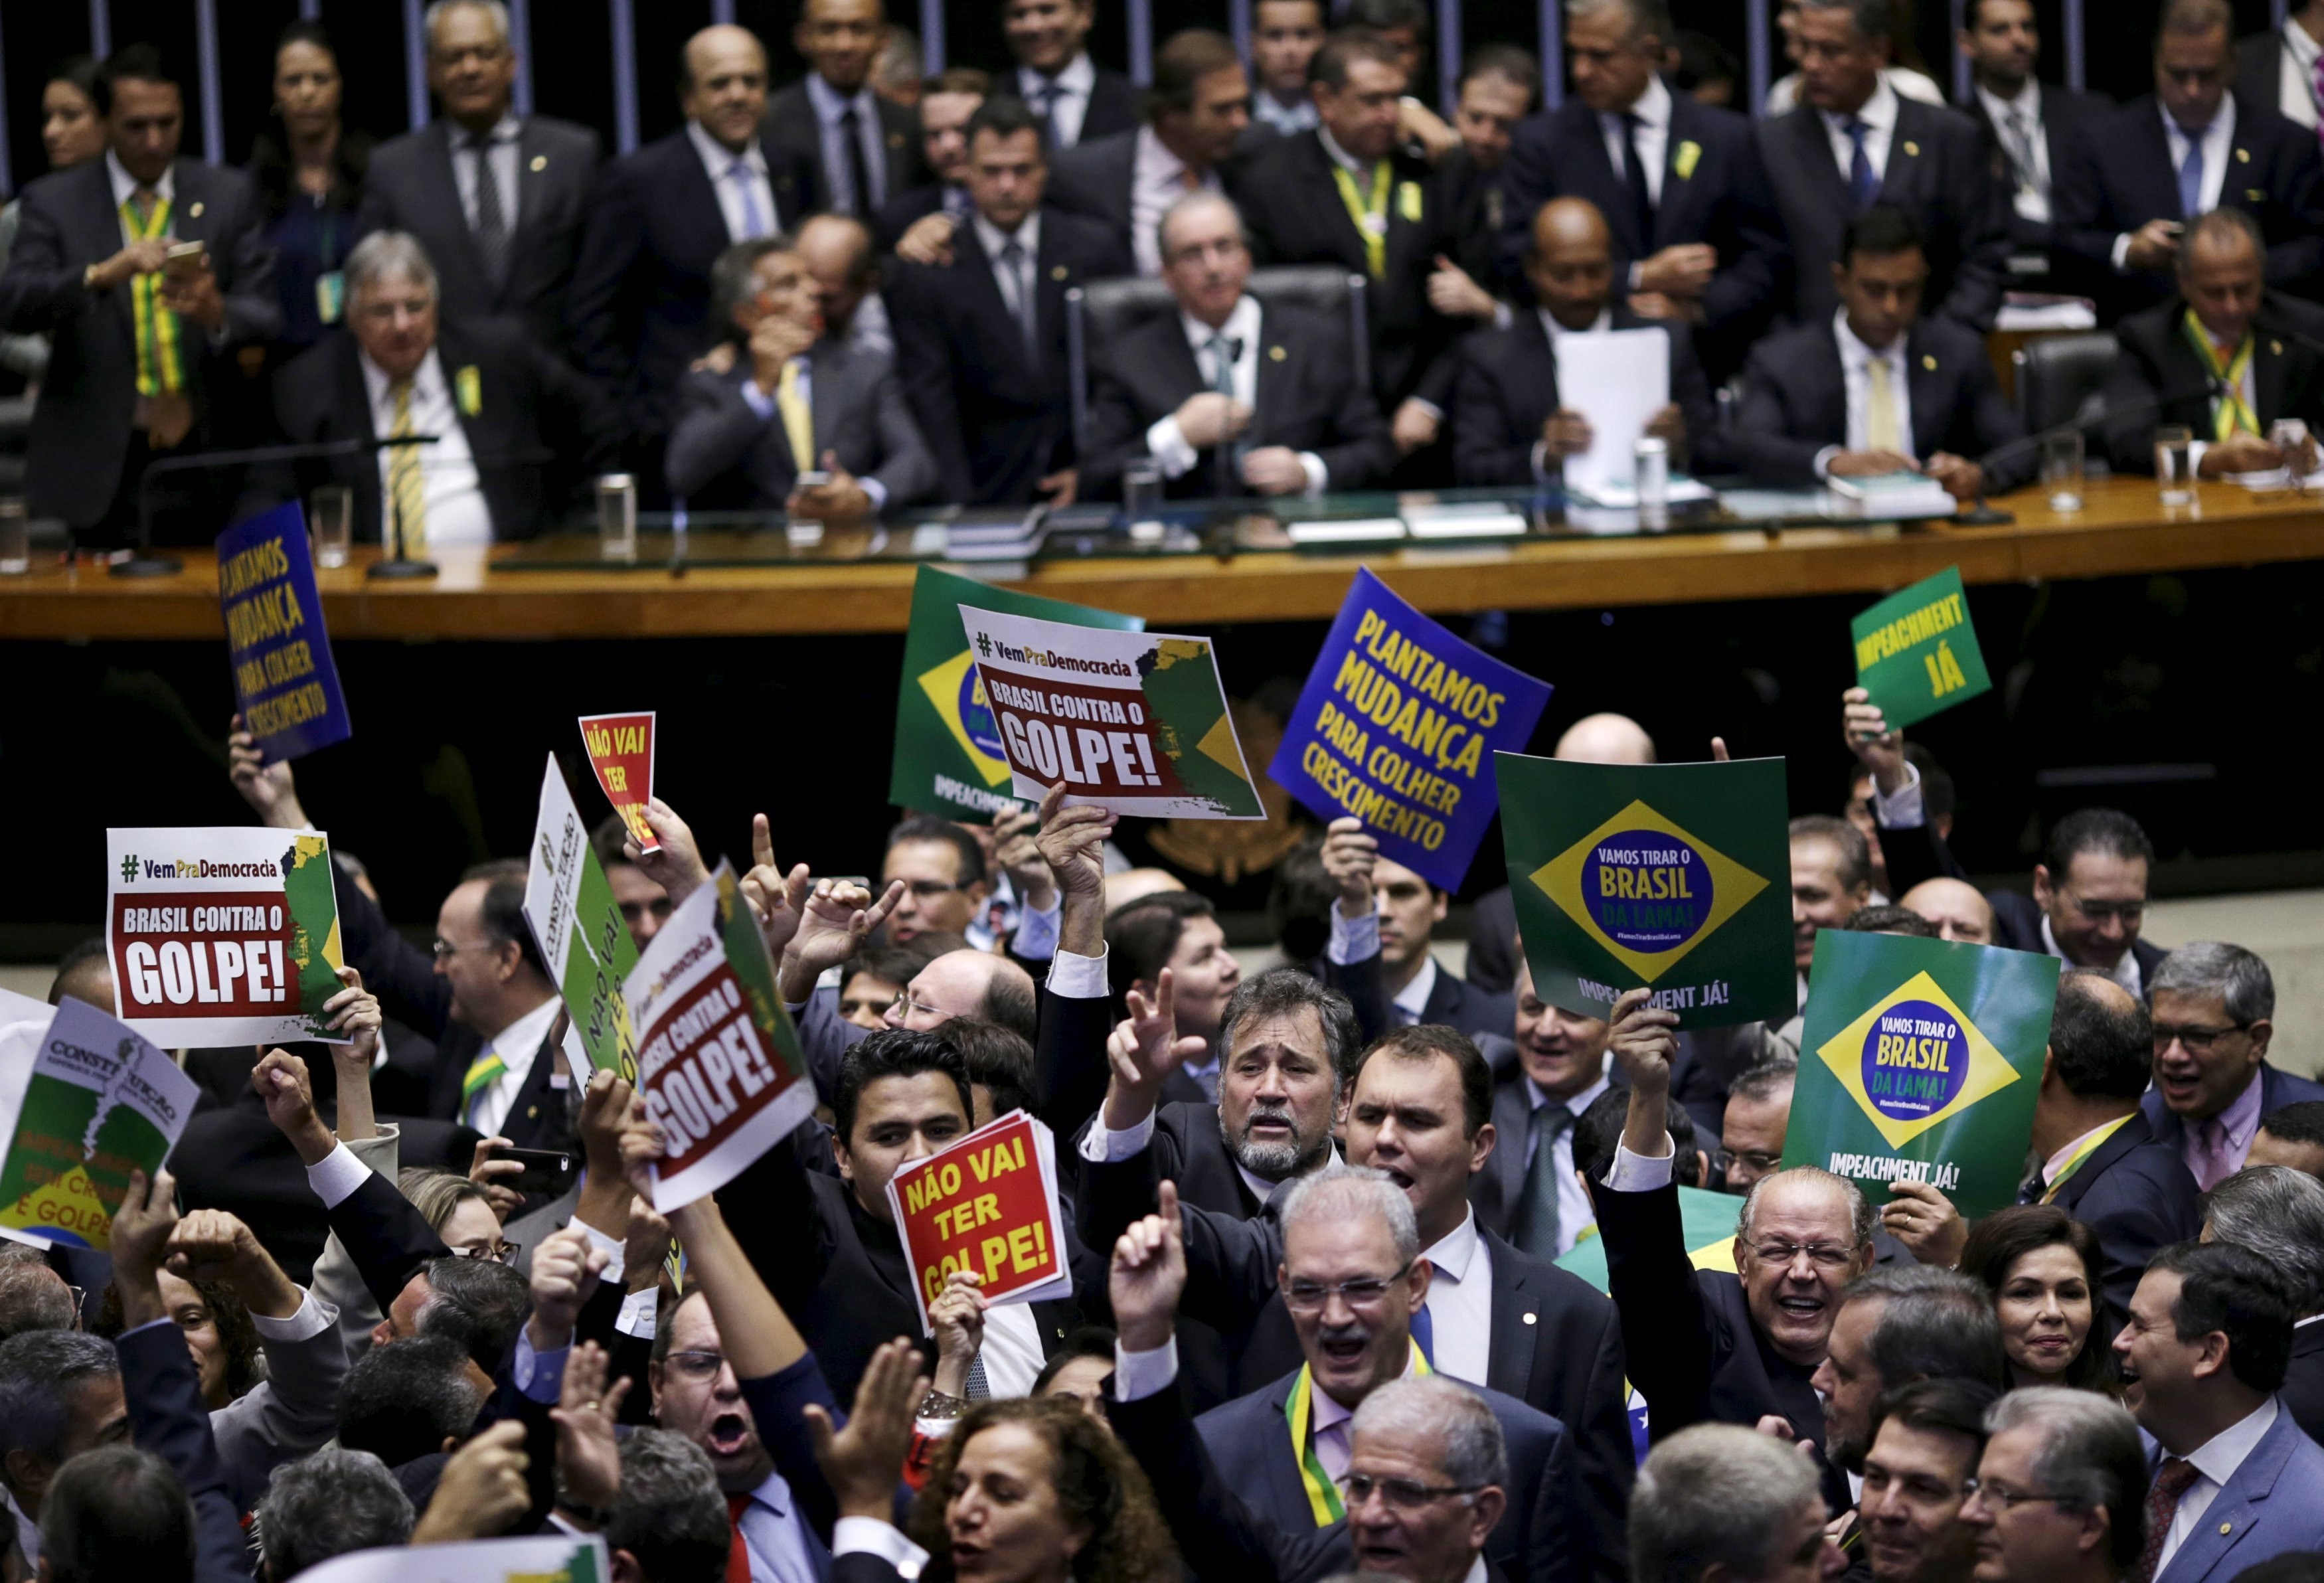 Congressistas contra e a favor do governo Dilma Rousseff